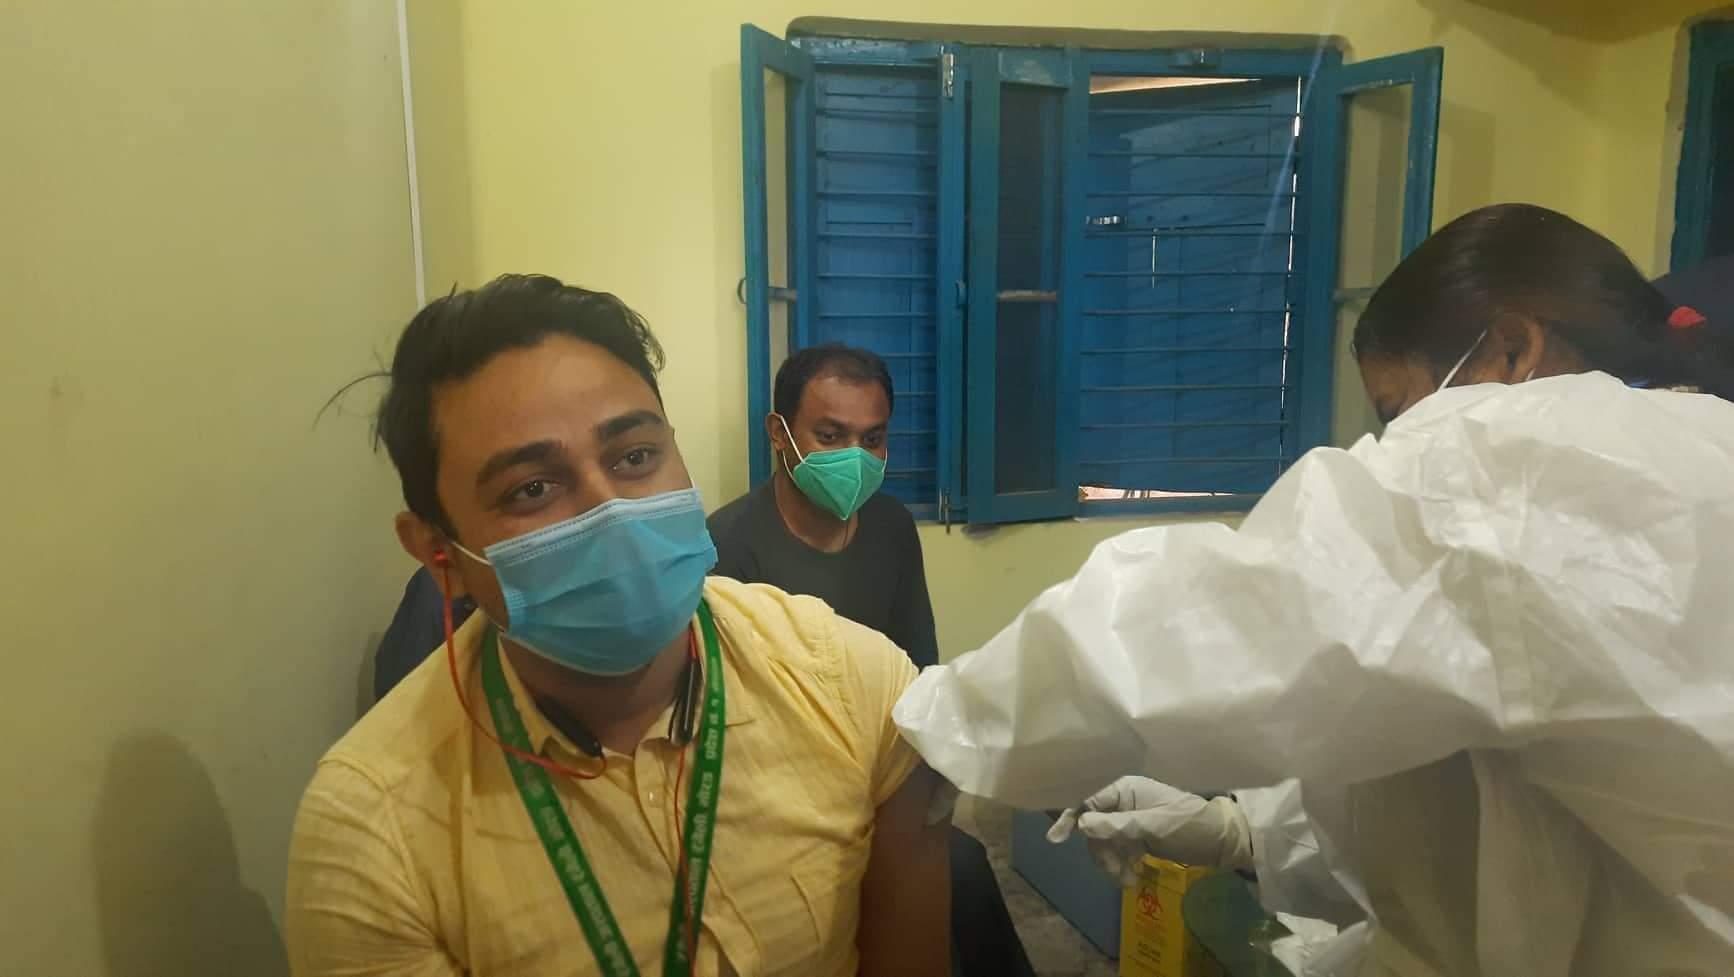 रंगेली अस्पतालमा कोरोना विरूद्ध खोप दिन शुरू, मेसु पाँडेले आफैले लगाए पहिलो खोप